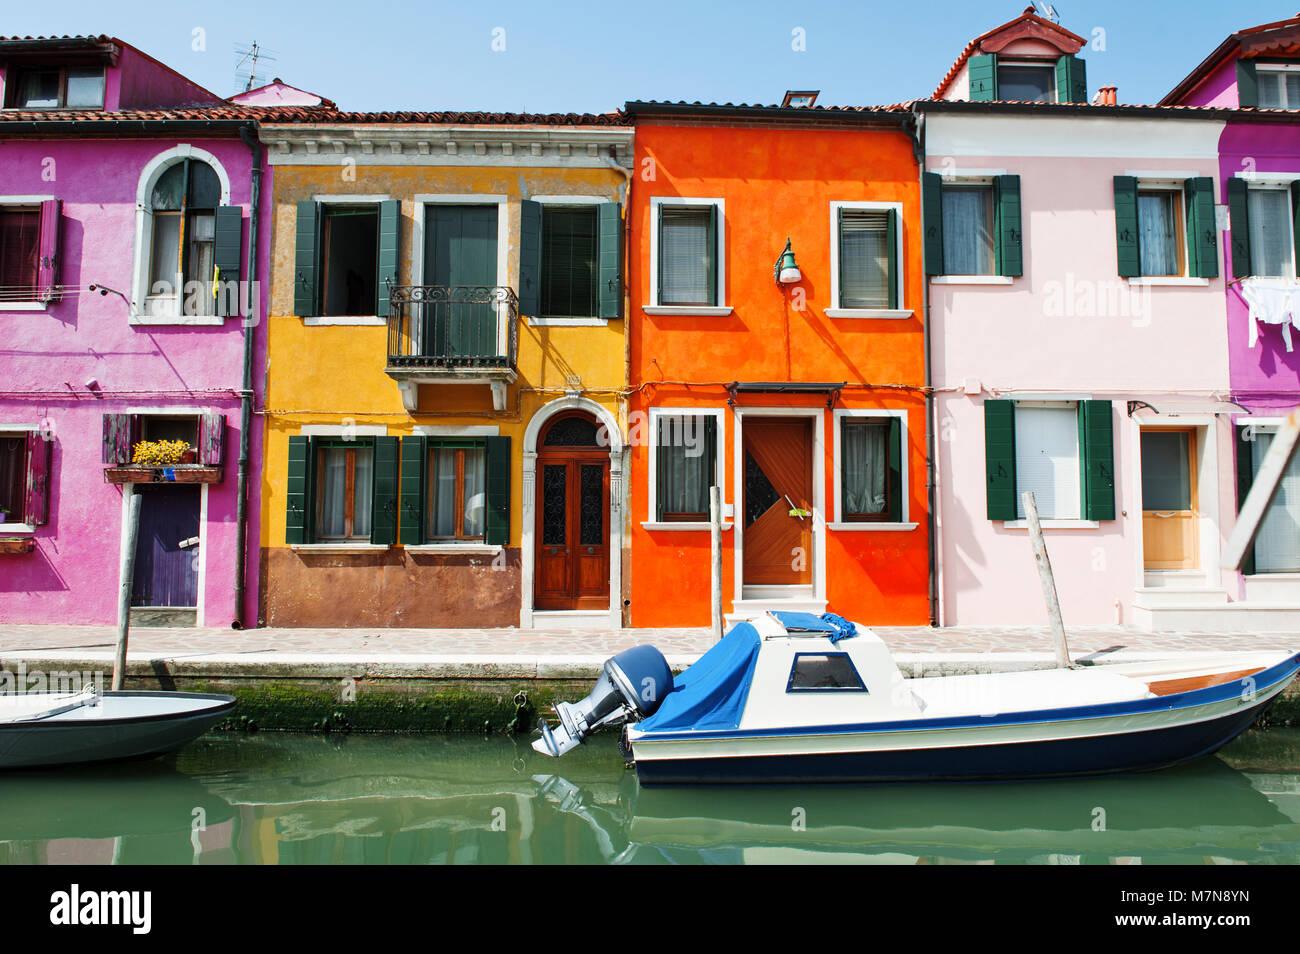 Venedig, Burano Insel, Italien, Europa - szenische Ansicht von charakteristischen bunten Gebäude und den Kanal Stockbild